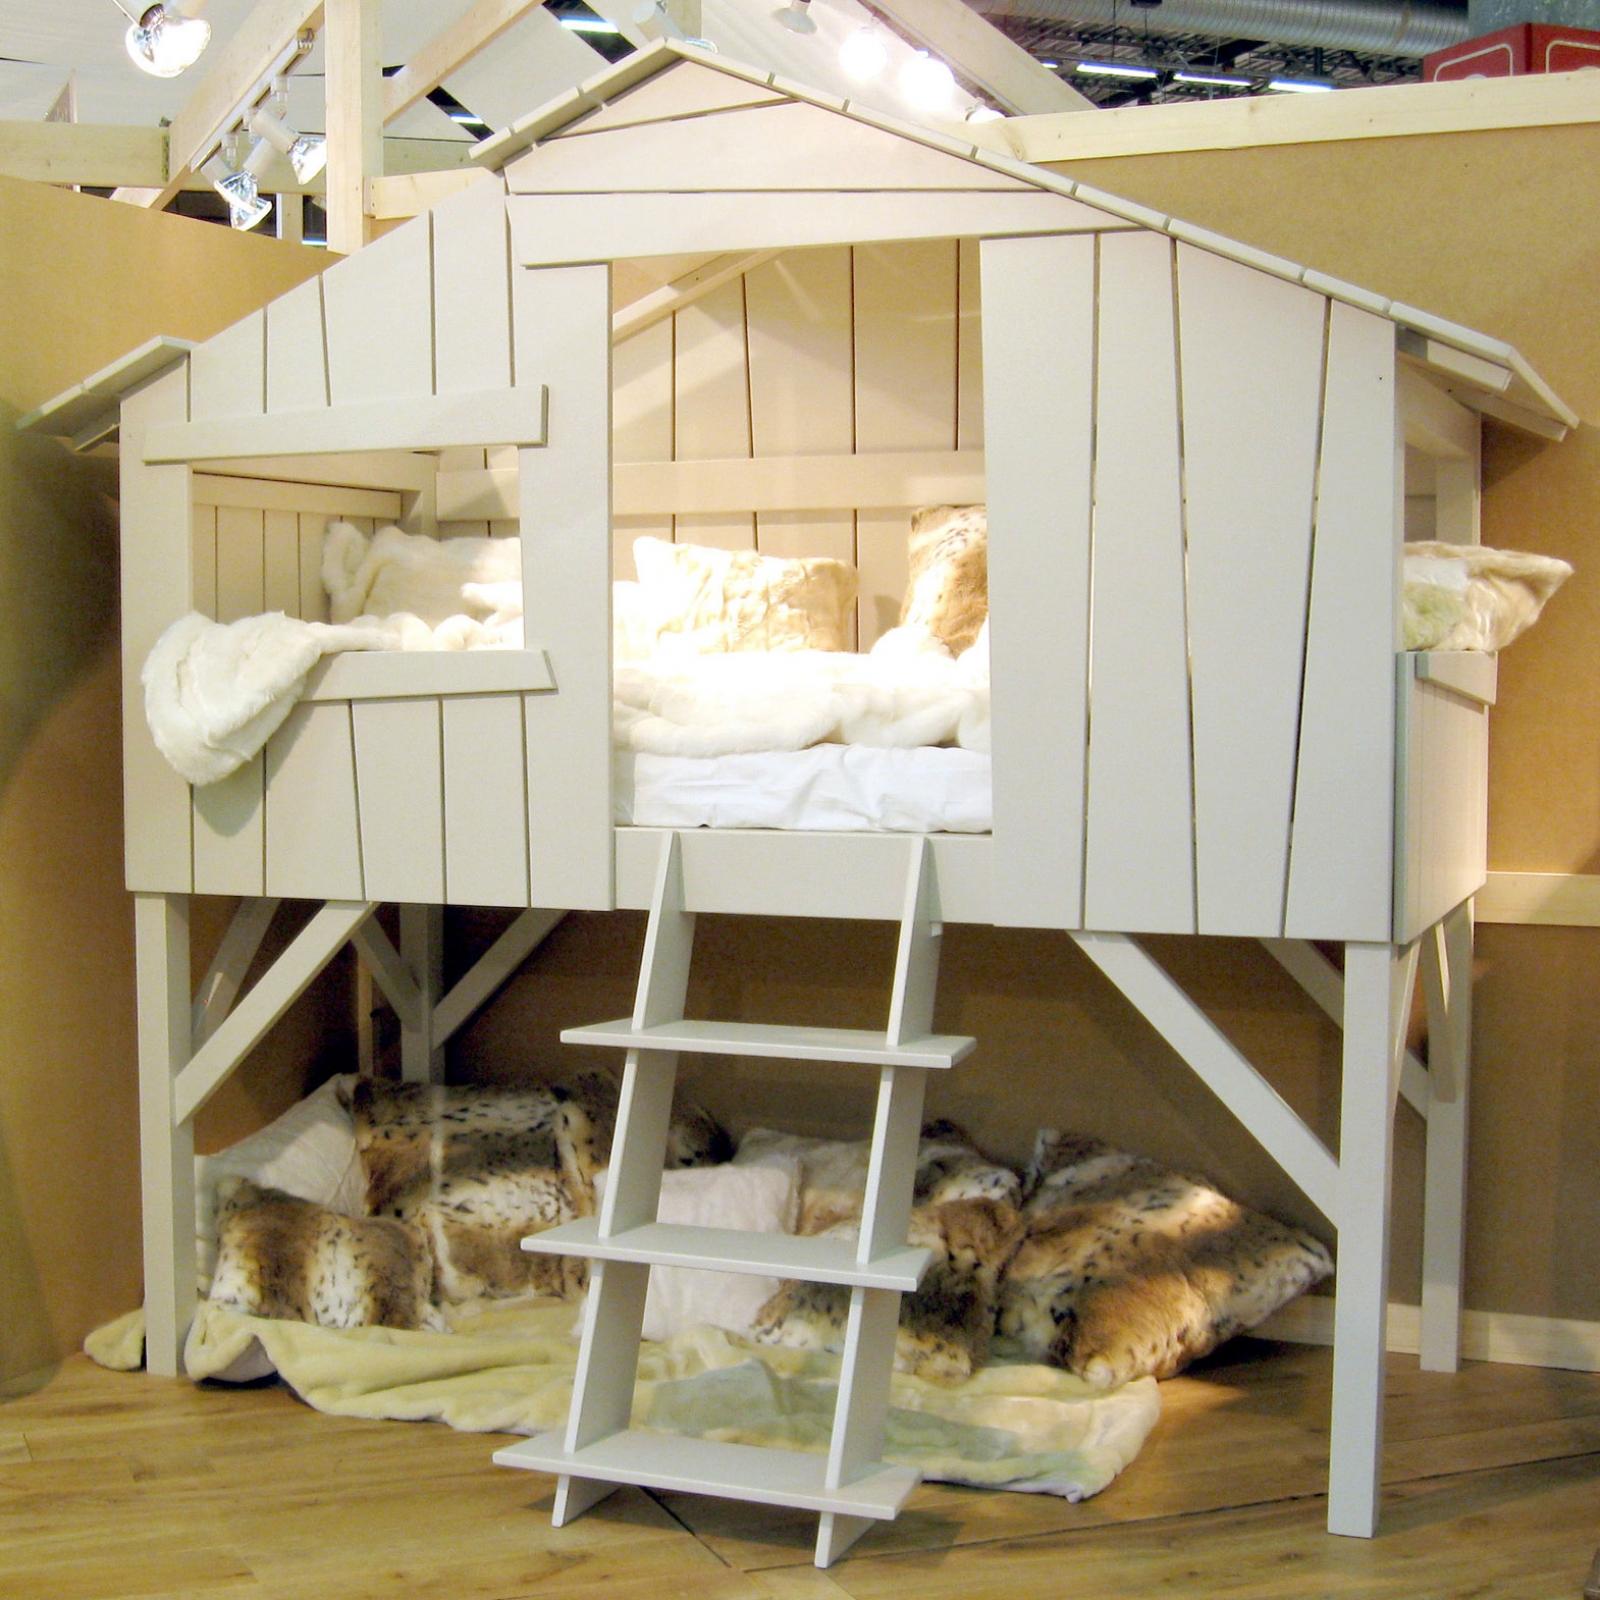 Chambre Lit Cabane Fille lits superposés pour enfants en forme de maison. maison de